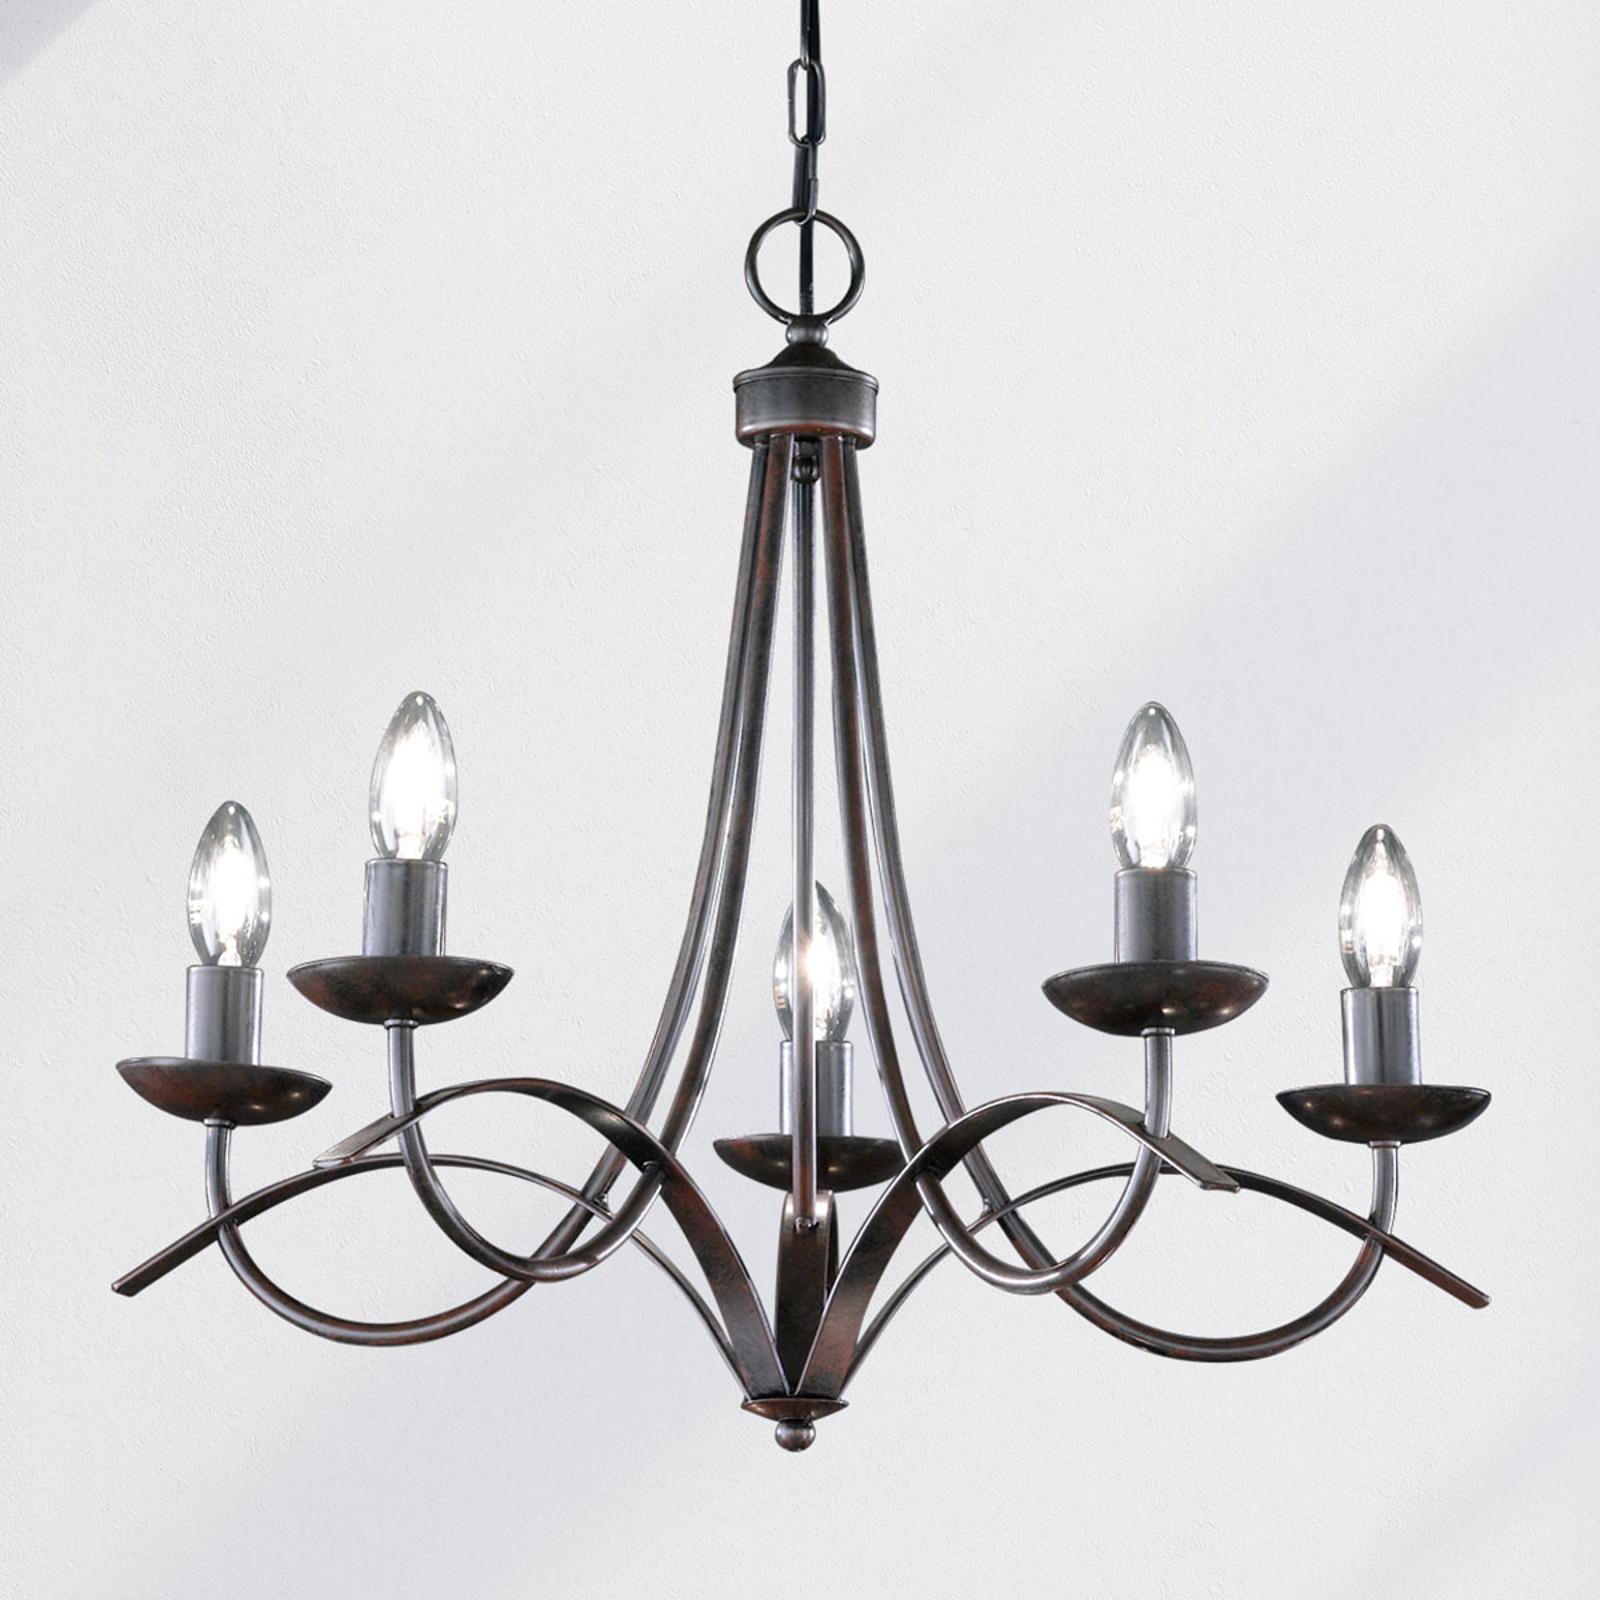 Kroonluchter Hannes, antiek, 5-lamps